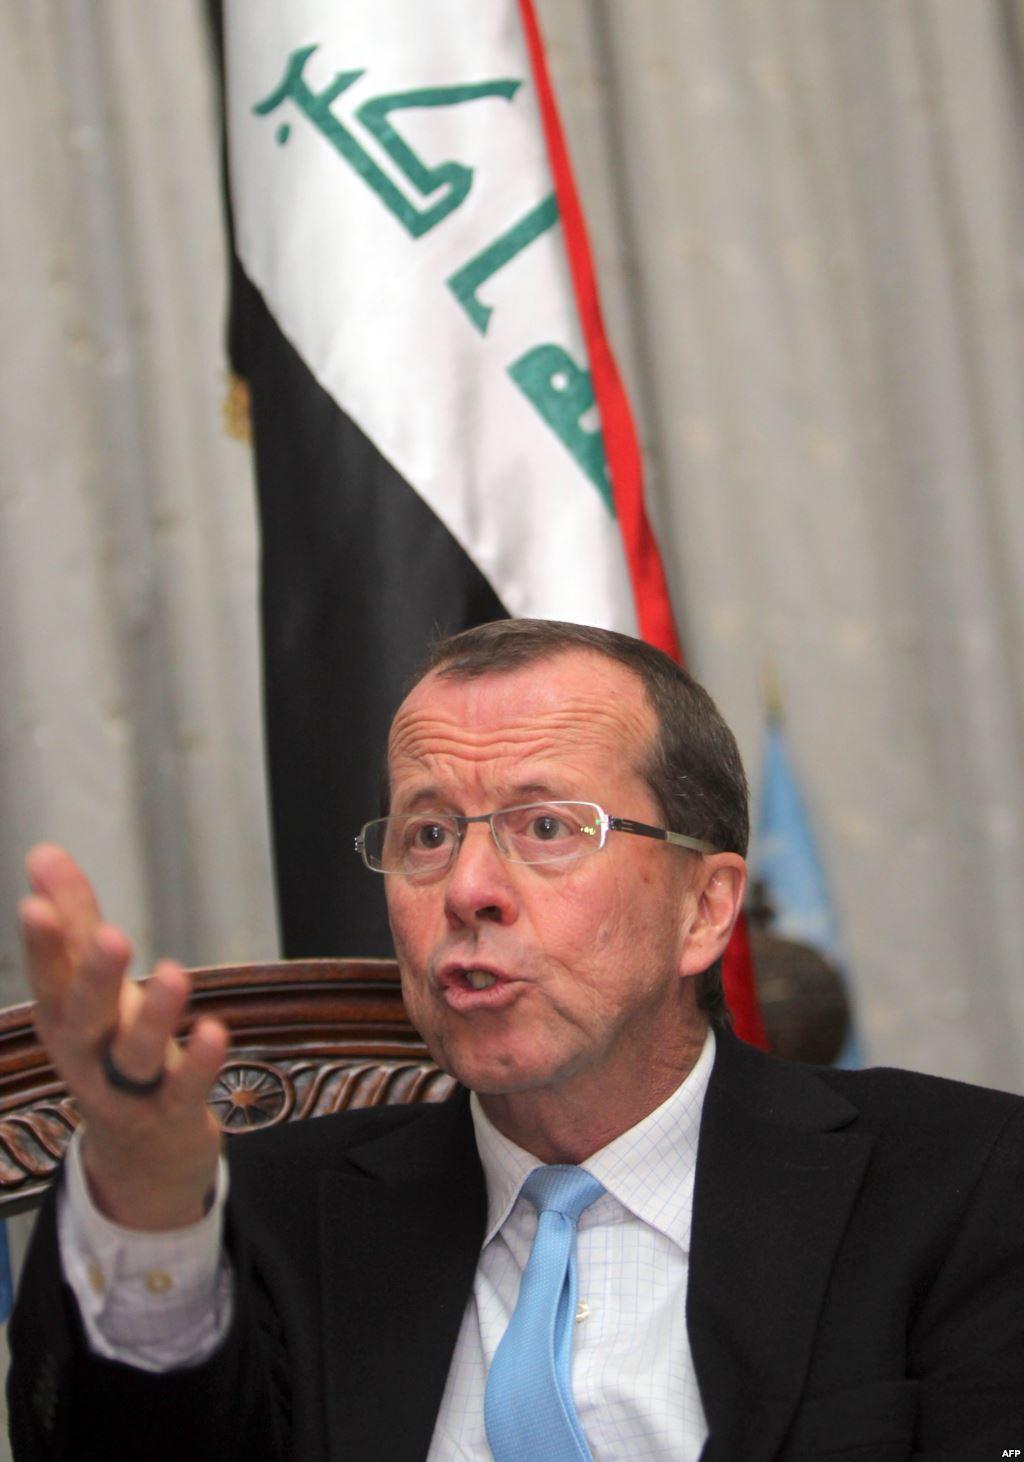 مارتن كوبلر يطالب الاتحاد الاوربي بالتدخل بقوة في العراق ؟؟؟ بقلم عبدالواحد البصري